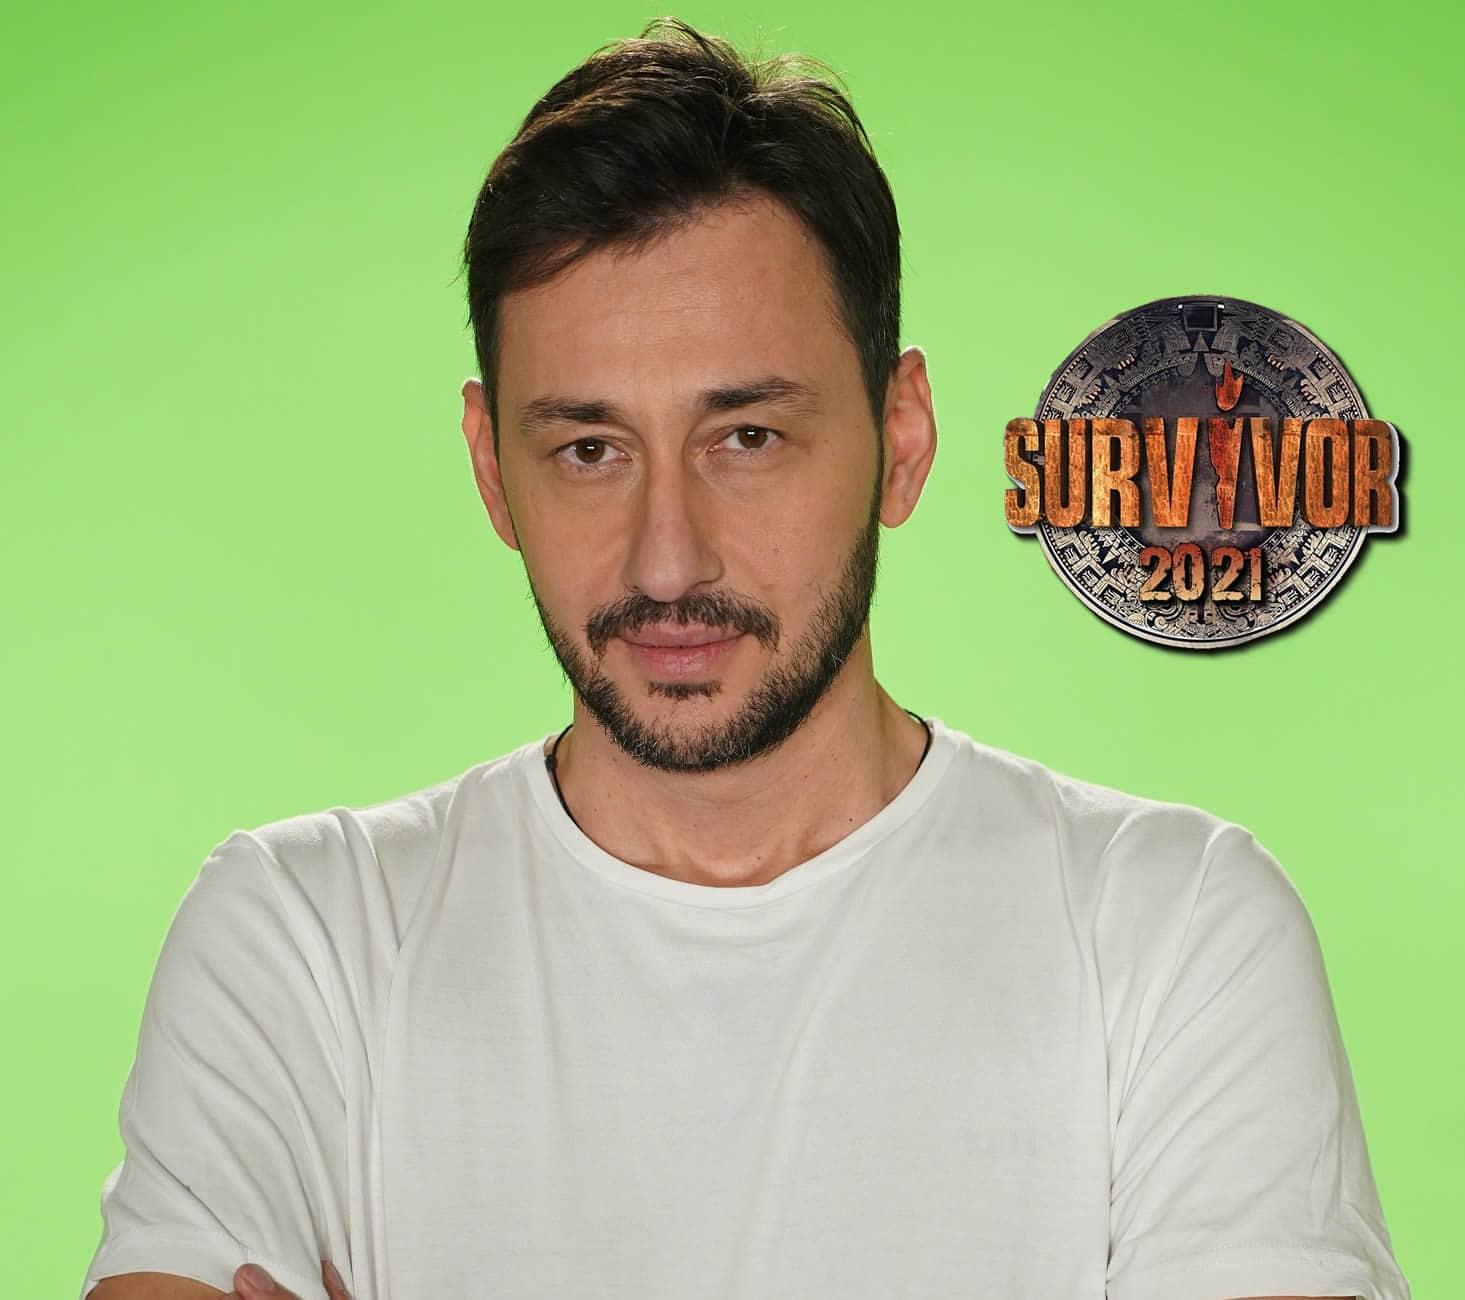 Survivor 2021, Πάνος Καλλίδης